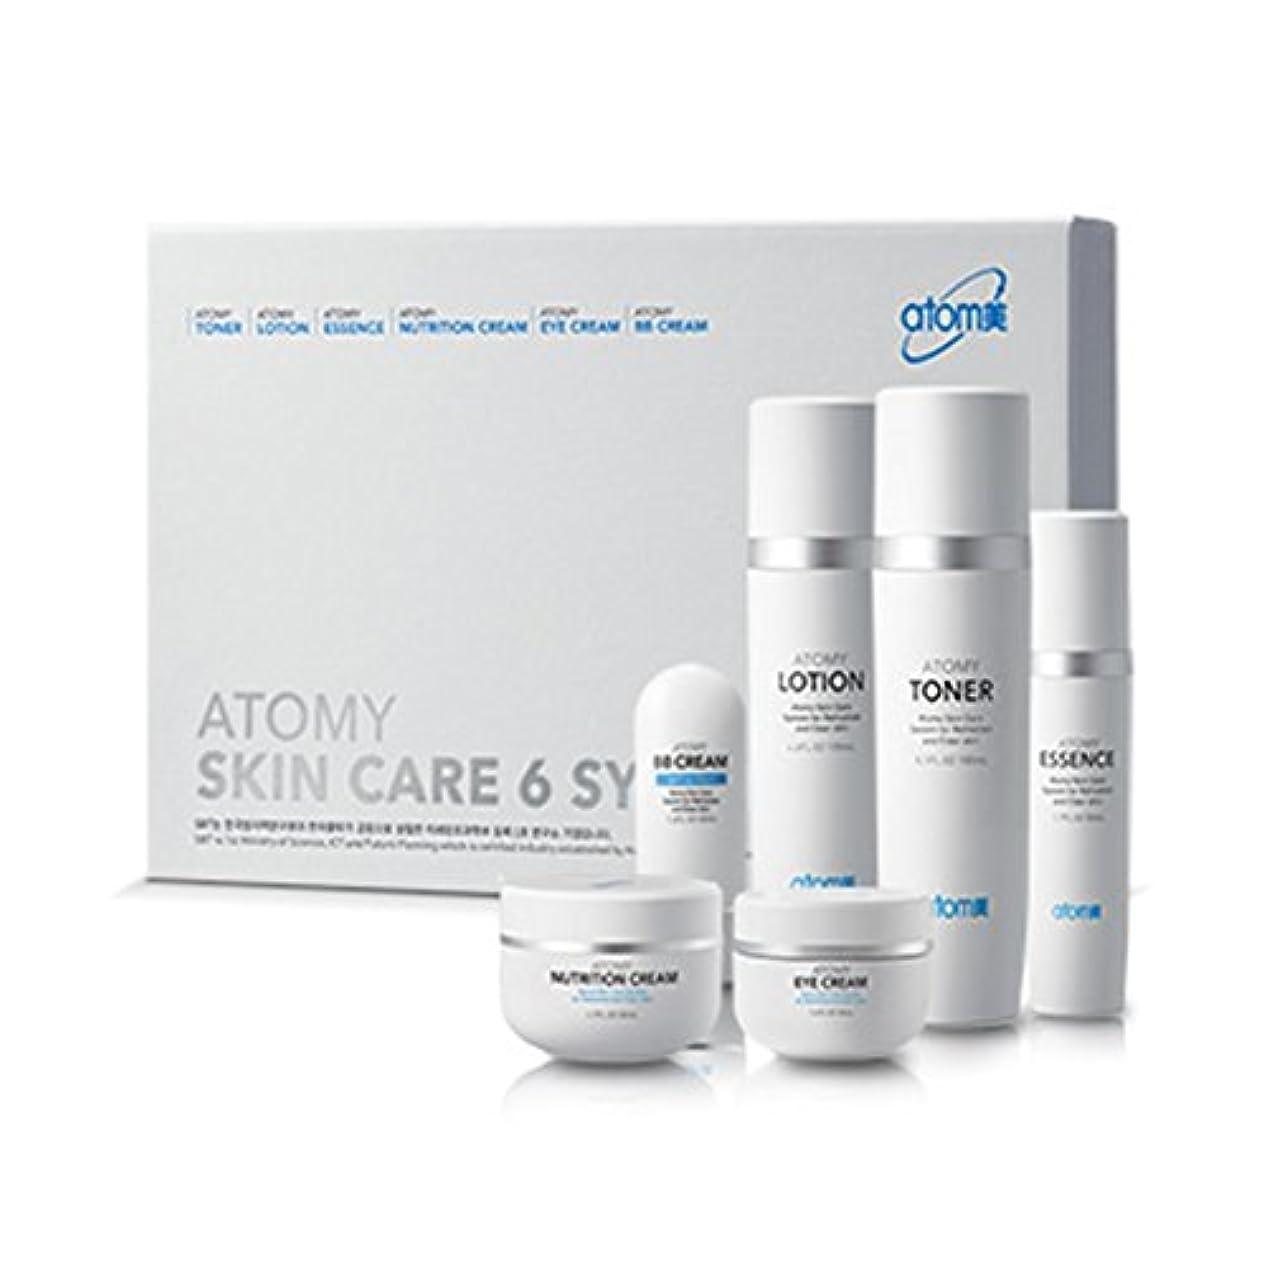 サイトラインリラックスした取り付け[Atom美 アトミ/ Atomy] Atomi Skin Care 6 System/スキンケア6システム+[Sample Gift](海外直送品)